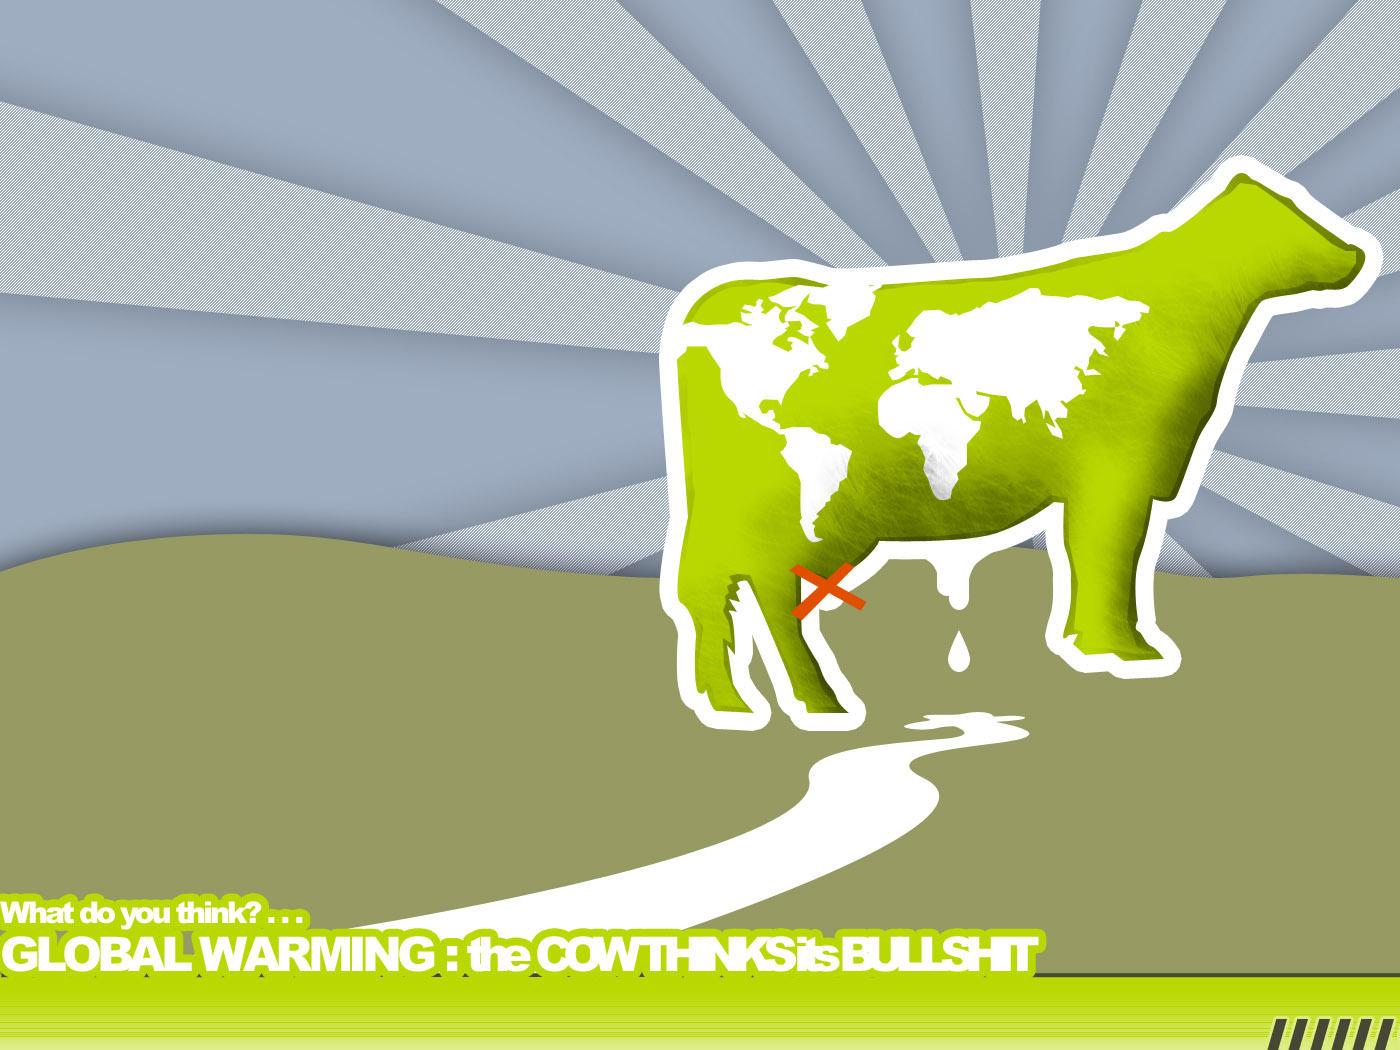 """Obrázek """"http://ic1.deviantart.com/fs9/i/2006/040/b/b/The_Global_Warming_Cow_by_receter.jpg"""" nelze zobrazit, protože obsahuje chyby."""